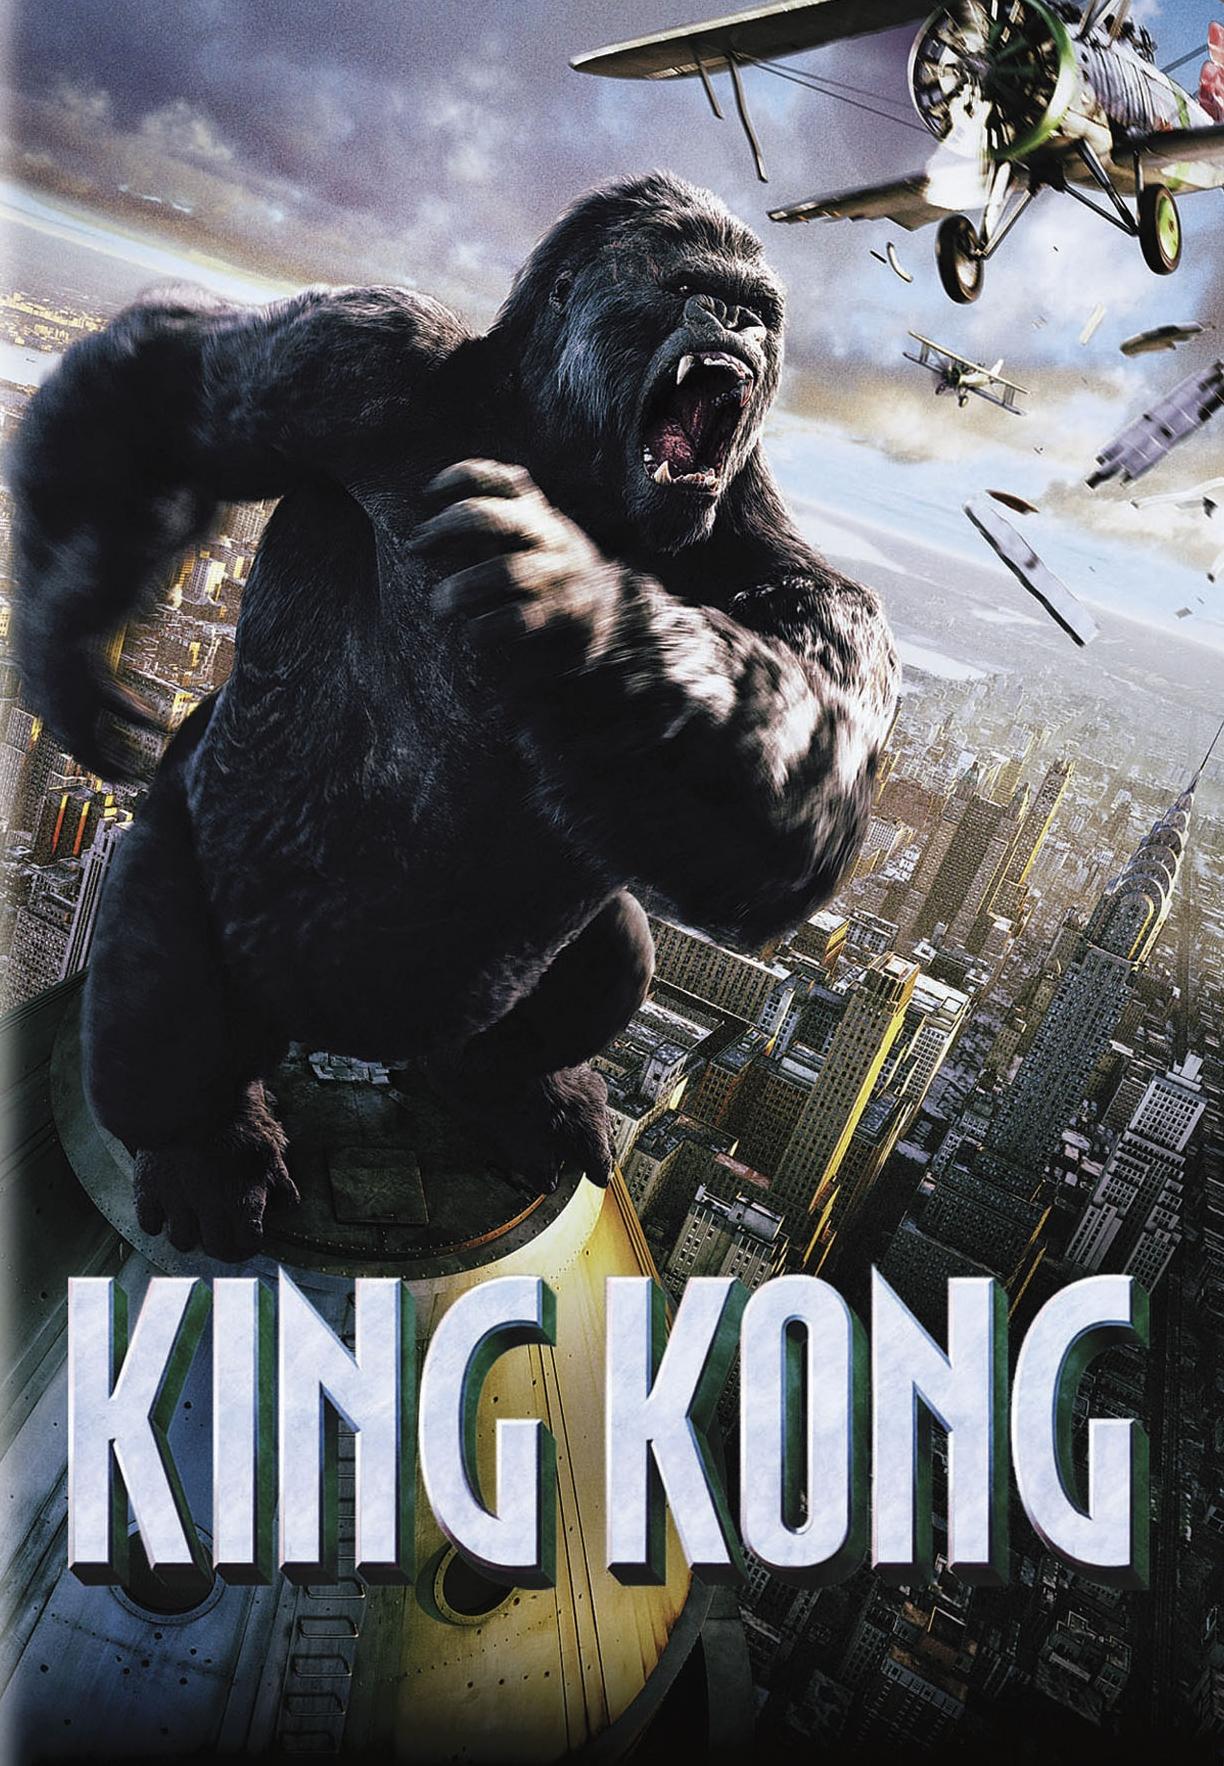 kingkong2005-01